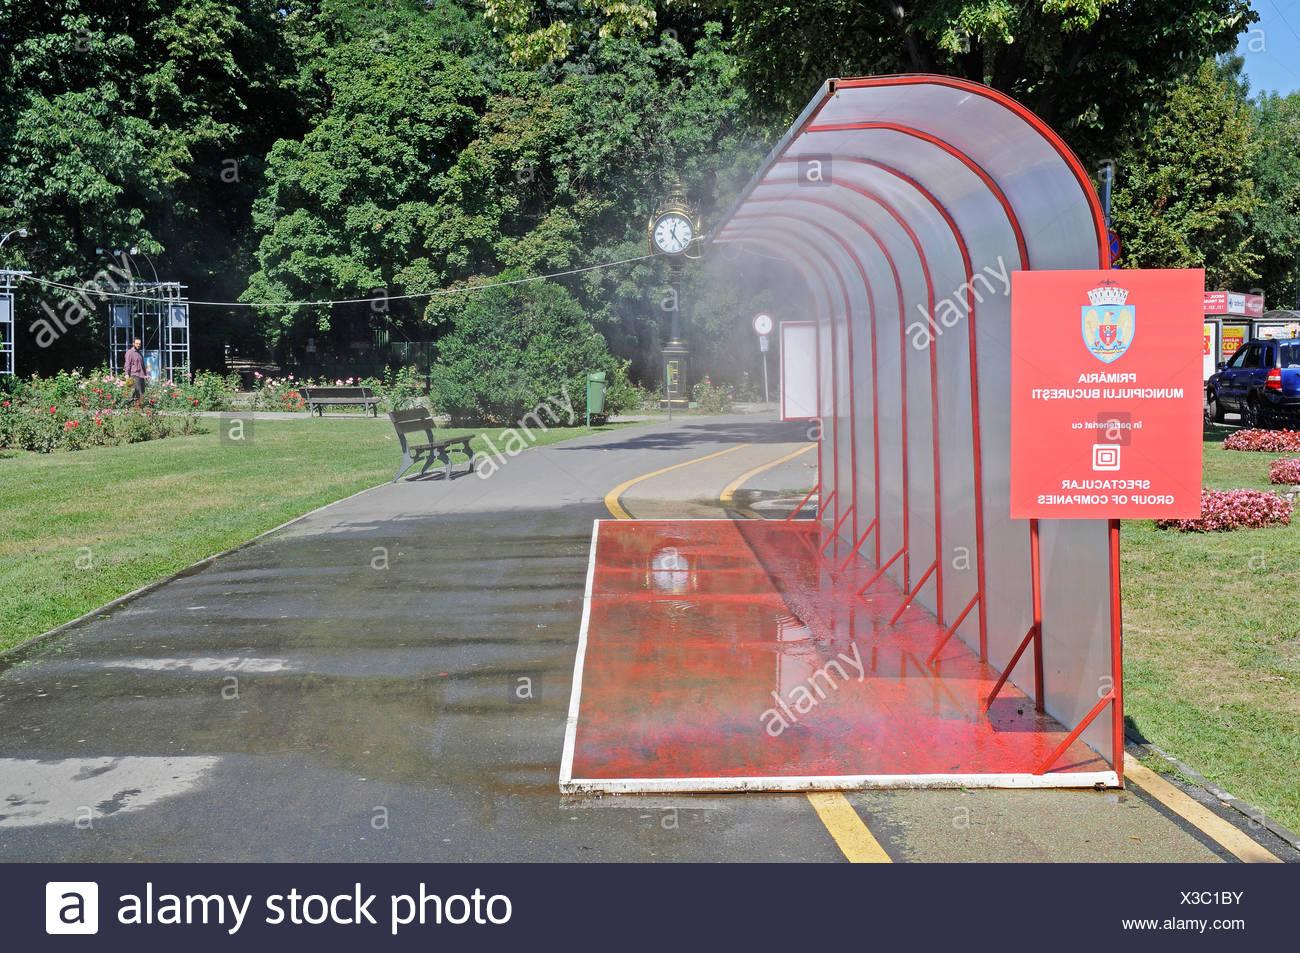 Öffentliche Wasserversorgung, Beregnung, System, heißem Wetter, Wasser, Kühlung, Sommer, Bukarest, Rumänien, Osteuropa, Europa, PublicGround Stockbild